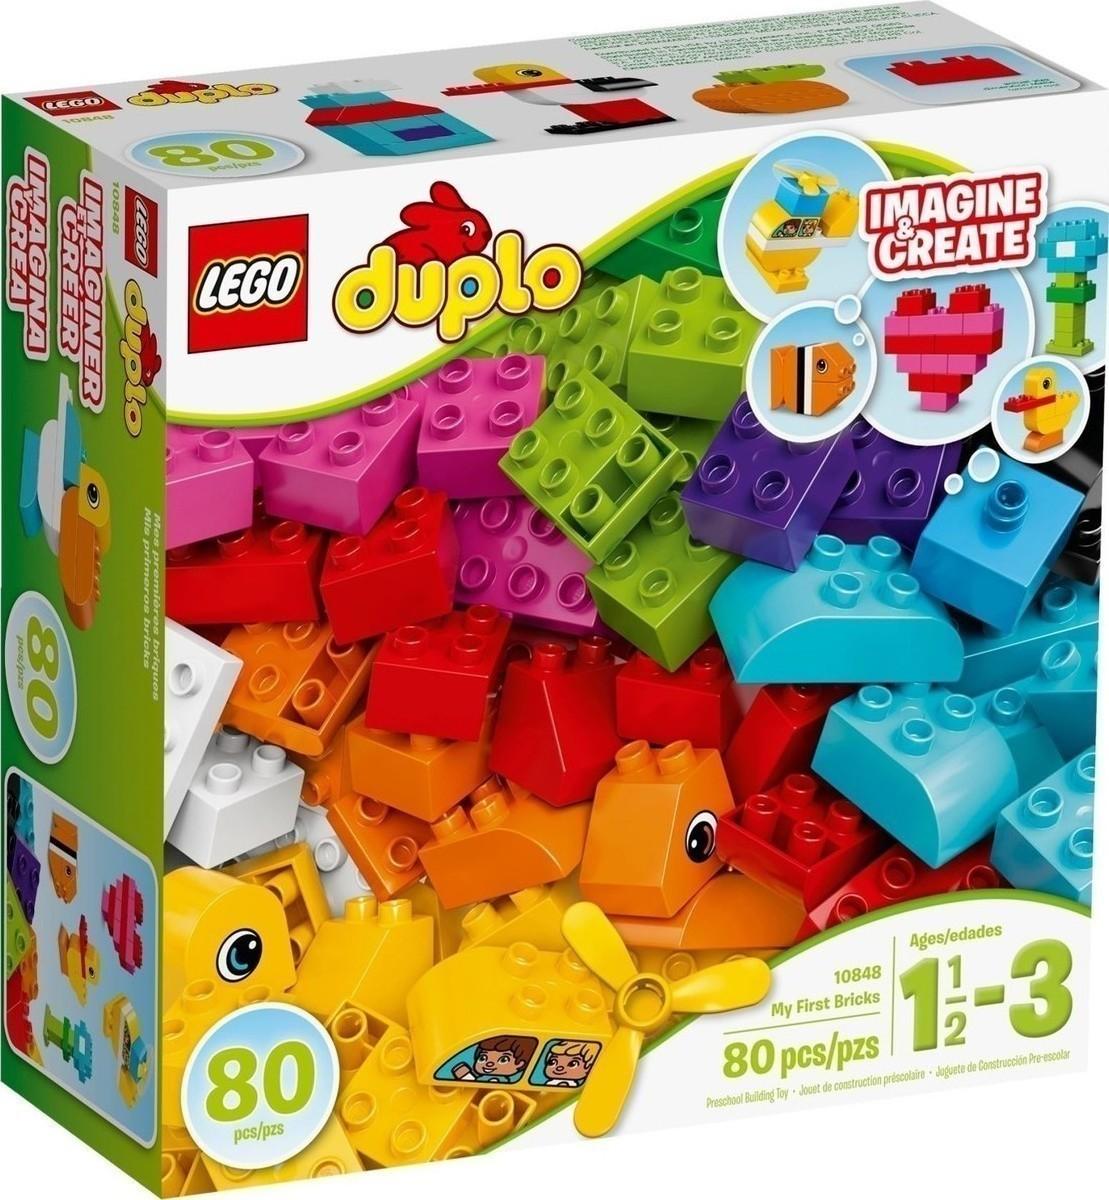 59d3d11118f Παιχνίδια Lego - Skroutz.gr